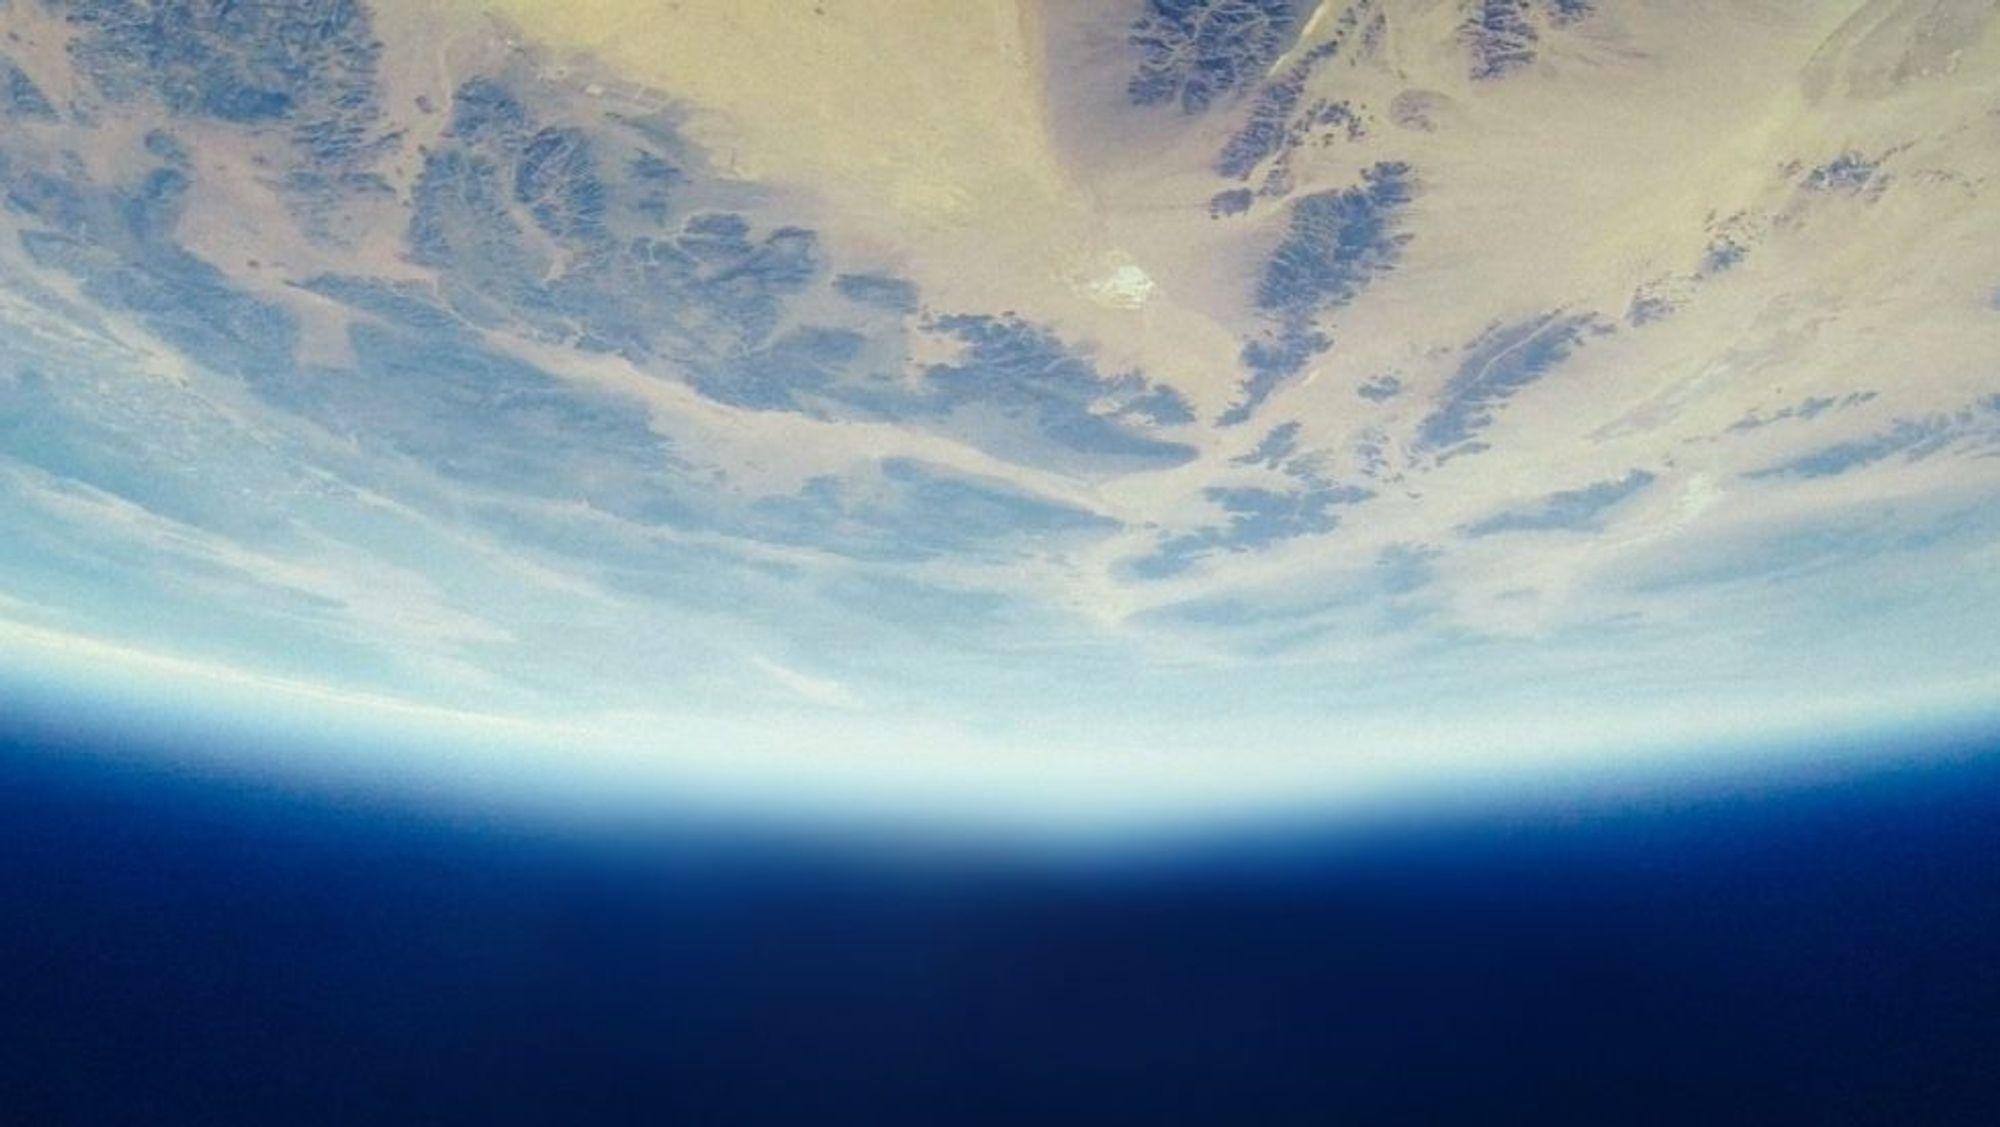 Klimagassen SF6 har mellom 22 000 og 23 500 ganger sterkere oppvarmingspotensial enn CO2, sett i et 100-årsperspektiv. Konsentrasjonen av gassen i atmosfæren er økende. Men bruken er under streng kontroll.